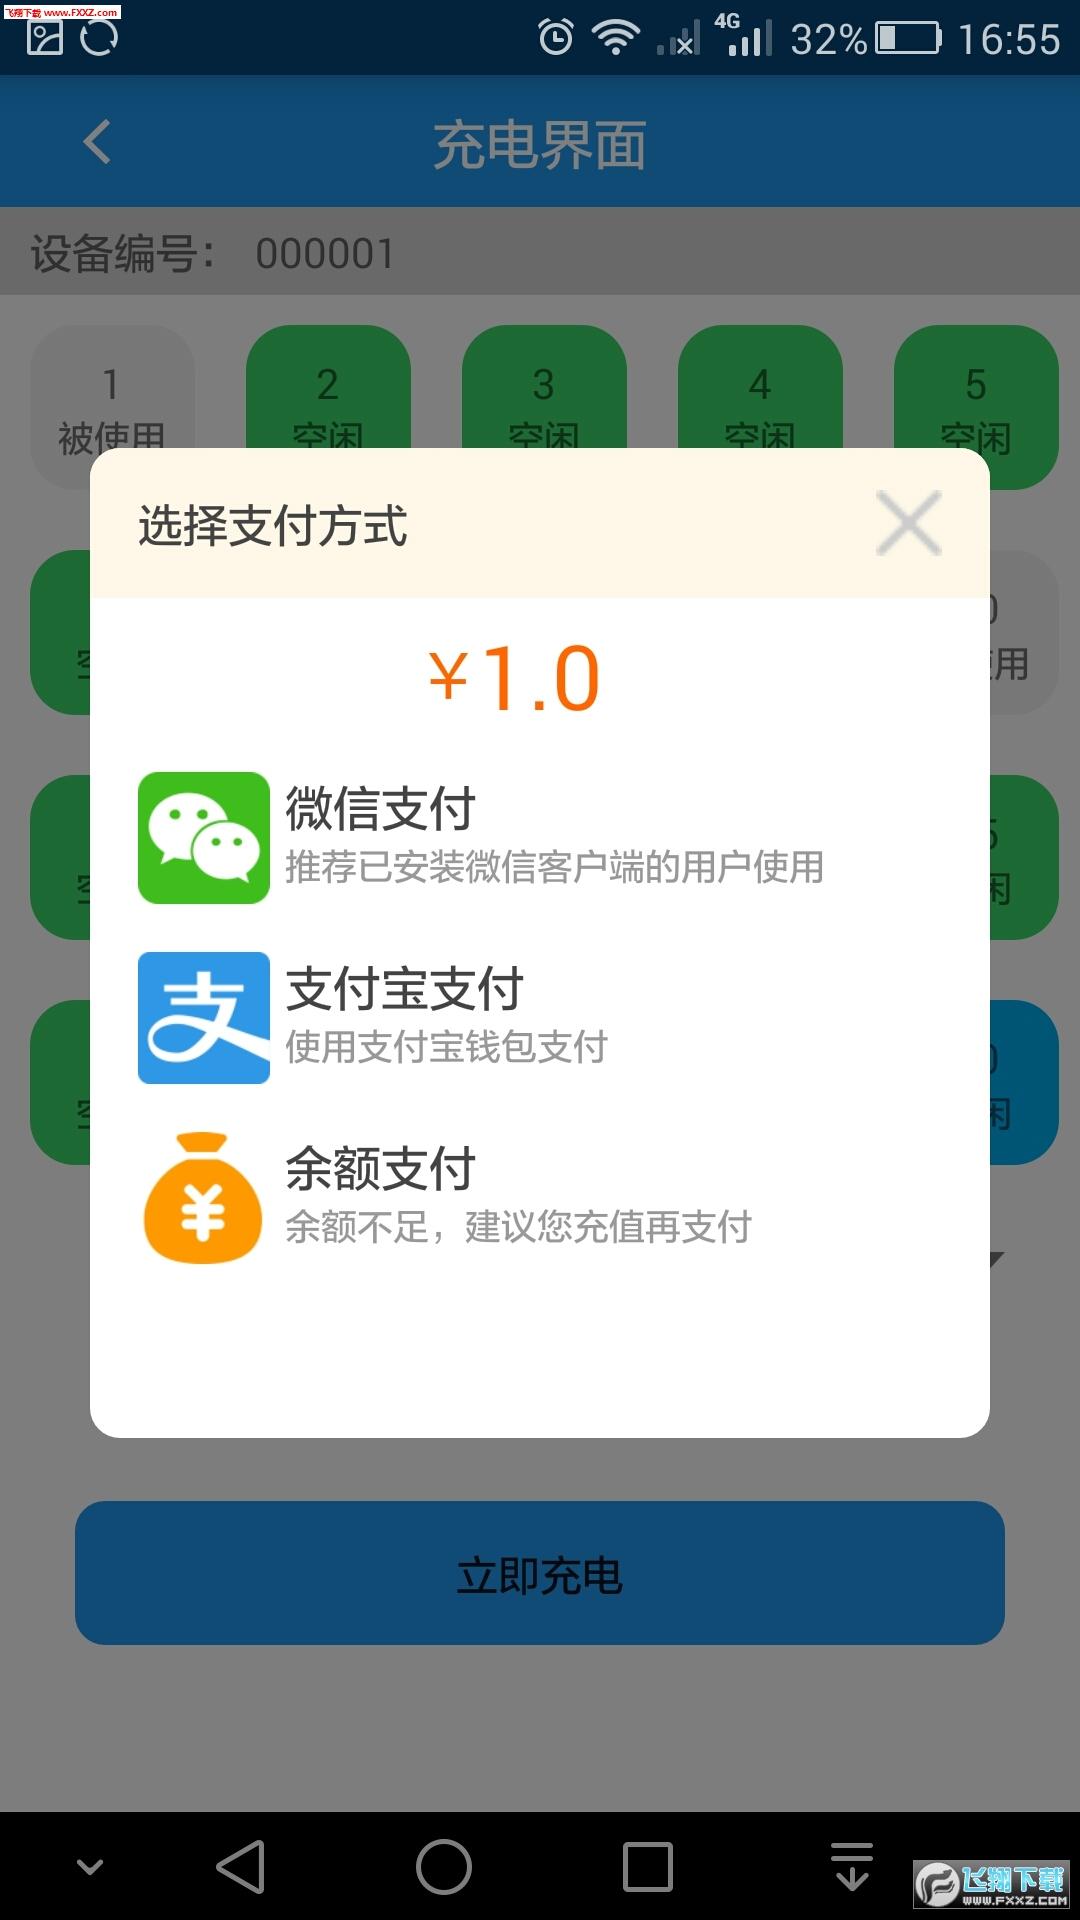 点点畅行安卓版3.0.2截图0